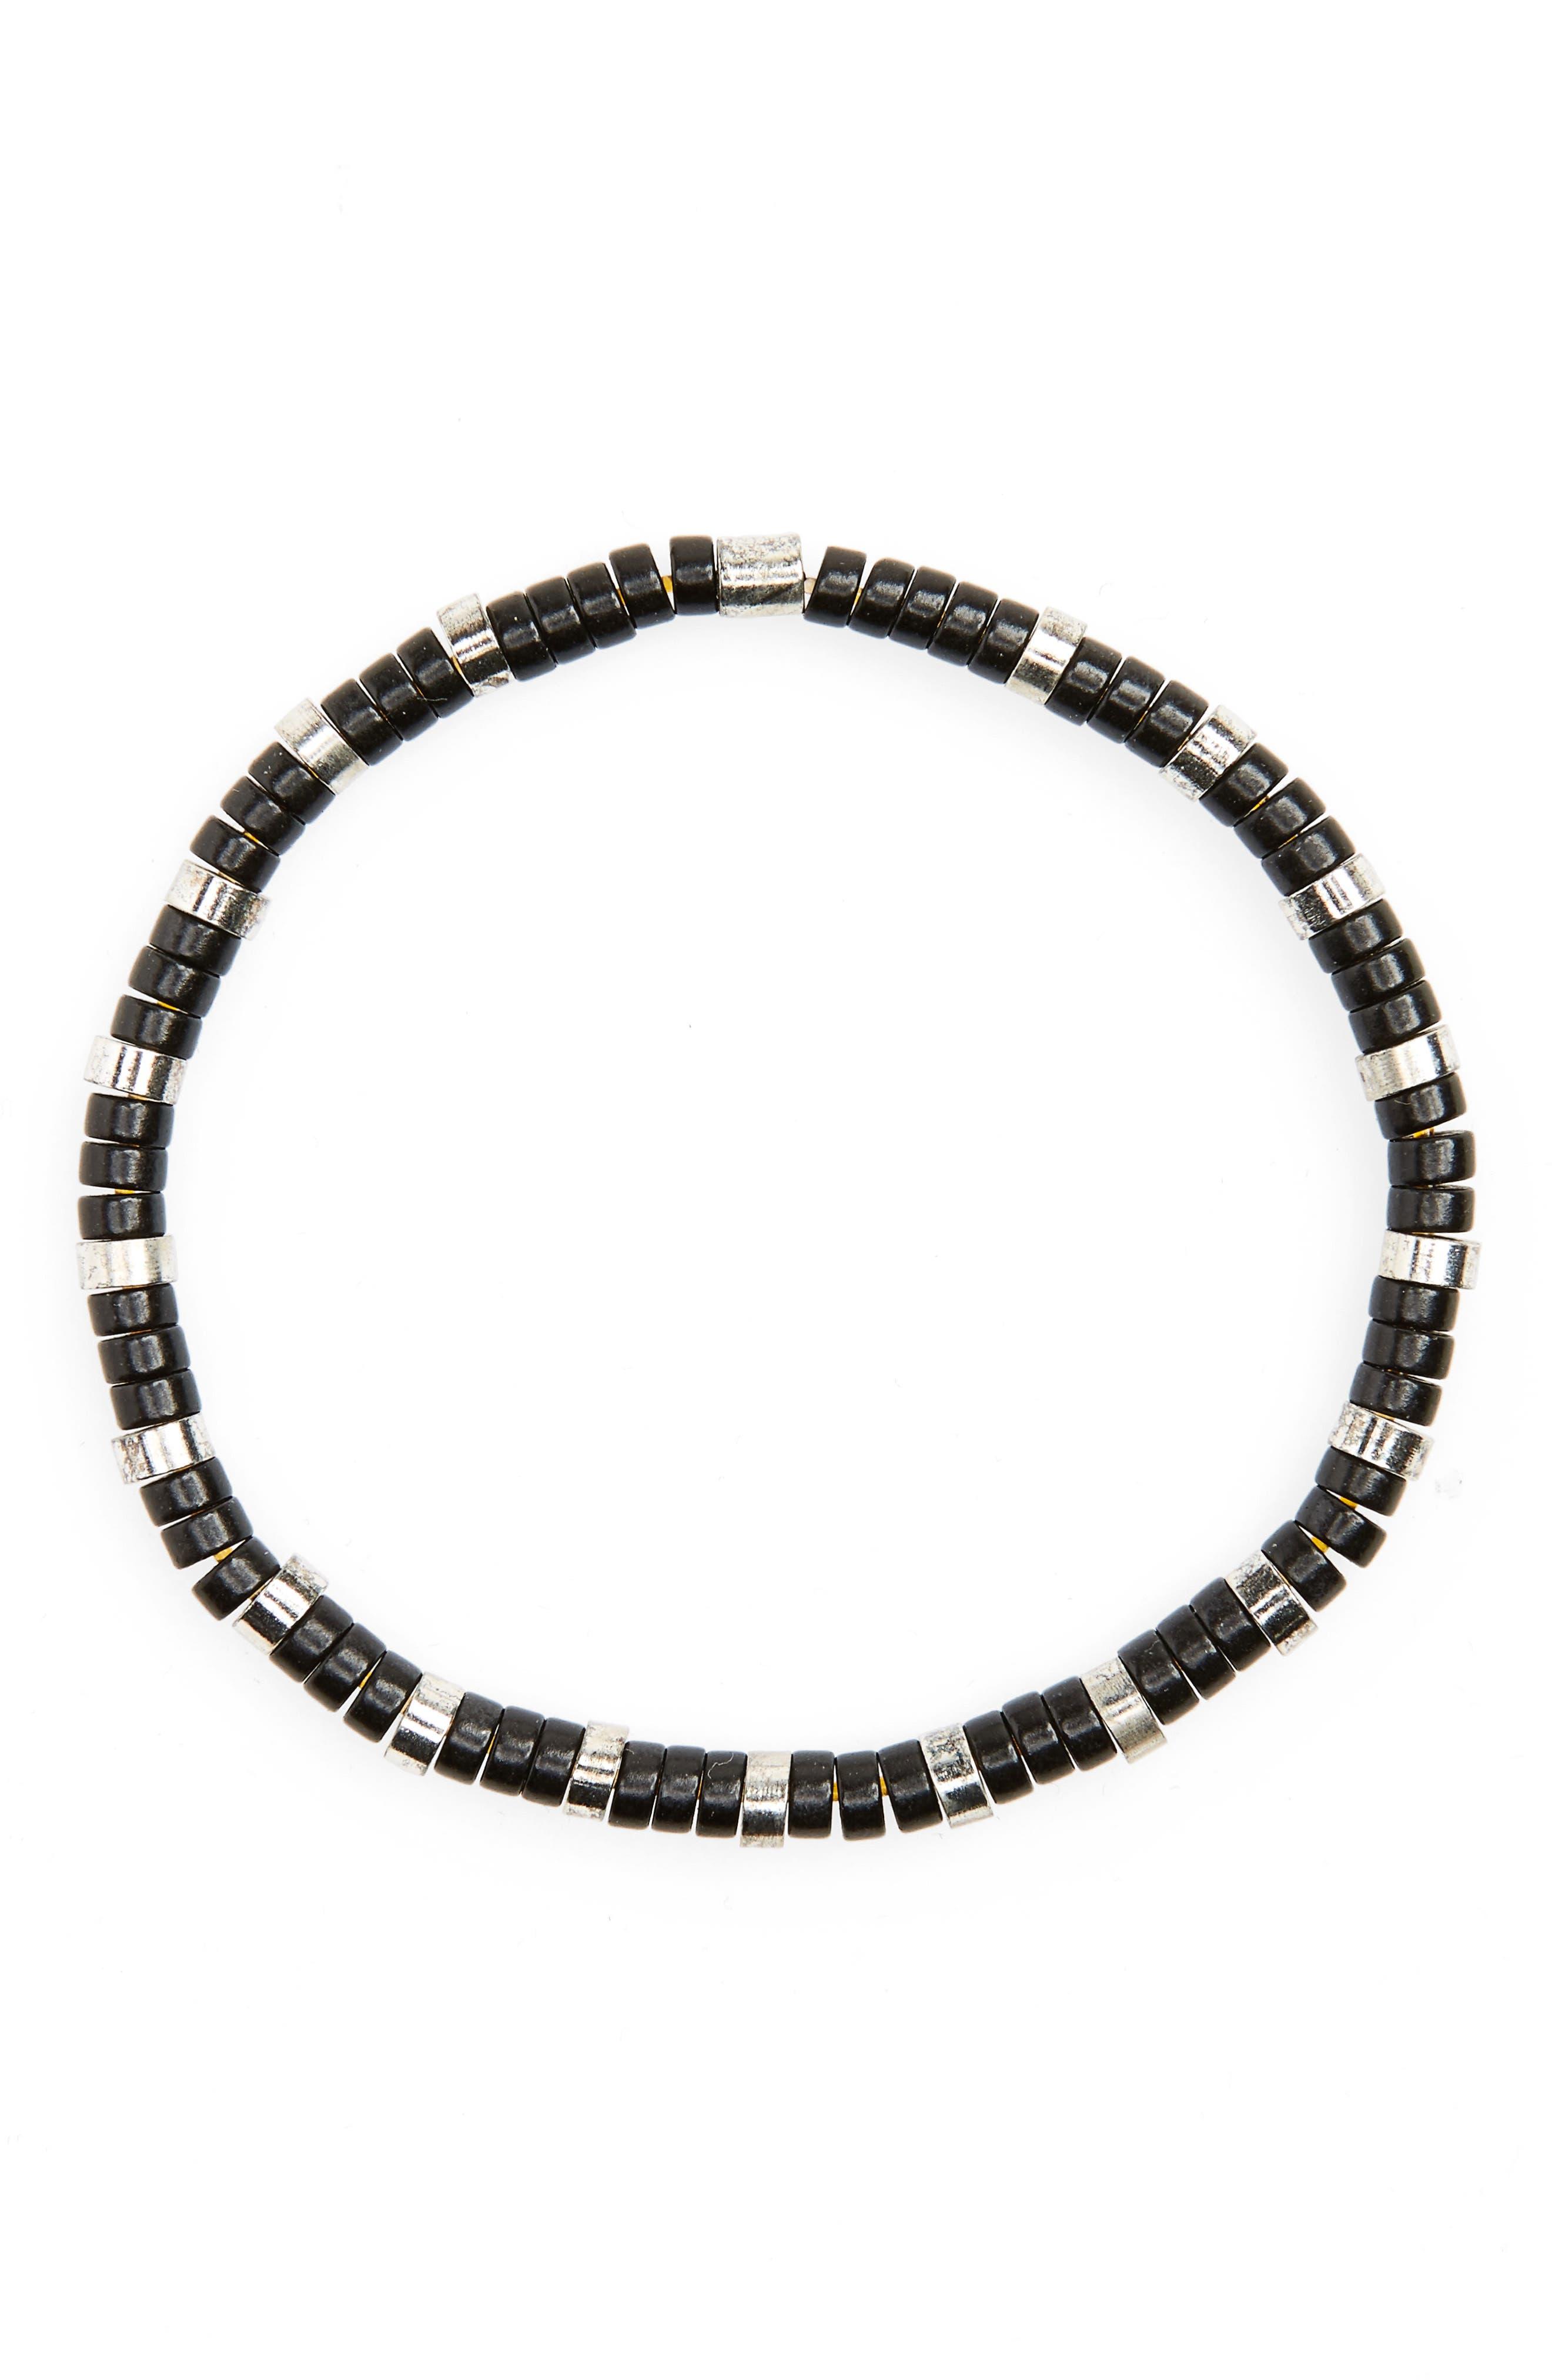 Main Image - LINK UP Disc Bead Bracelet